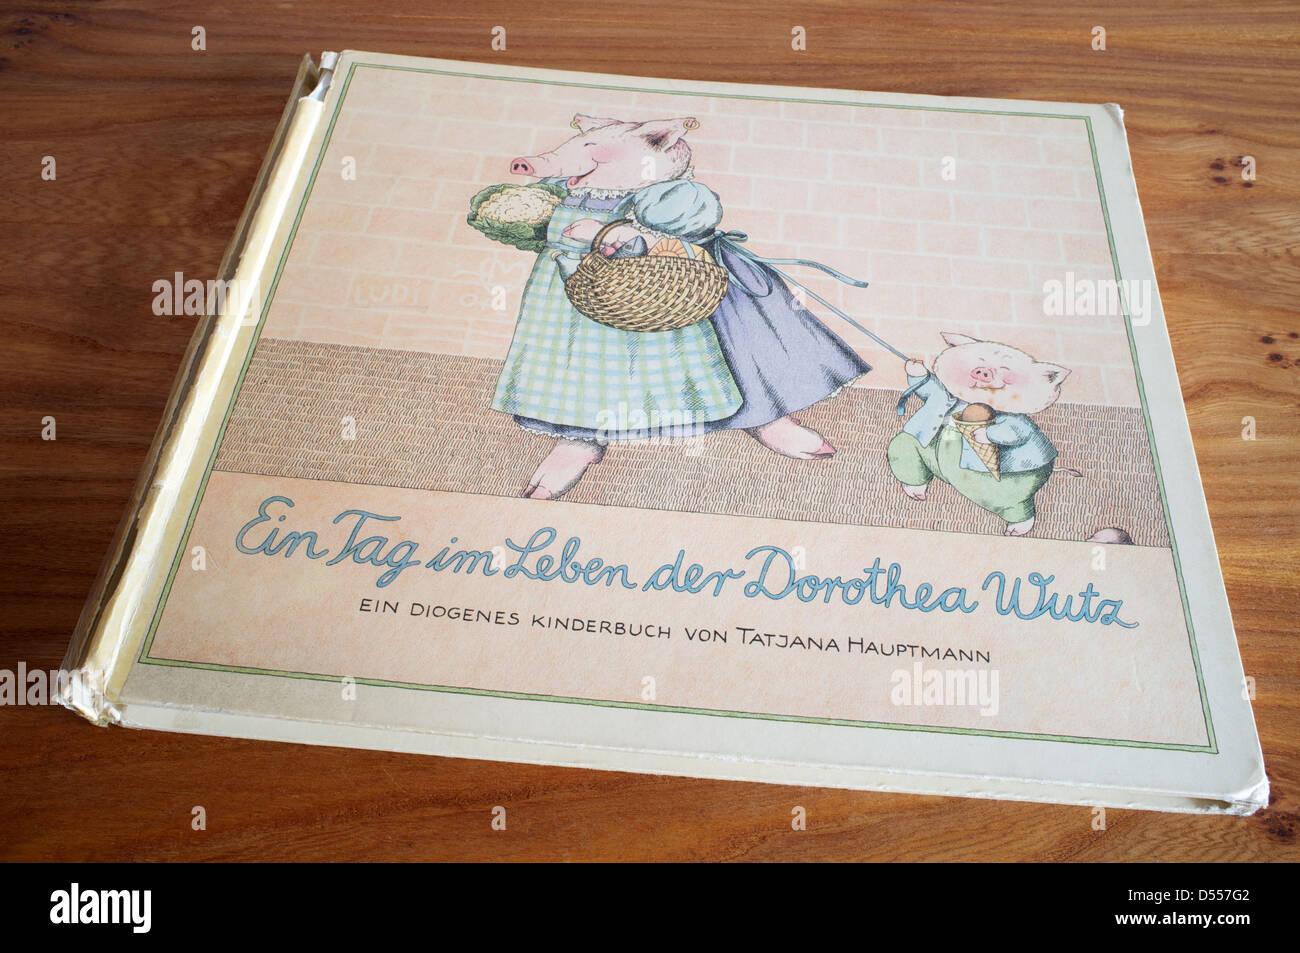 Ein Tag Im Leben der Dorothea Wutz, illustrierte Kinderbuch Stockbild